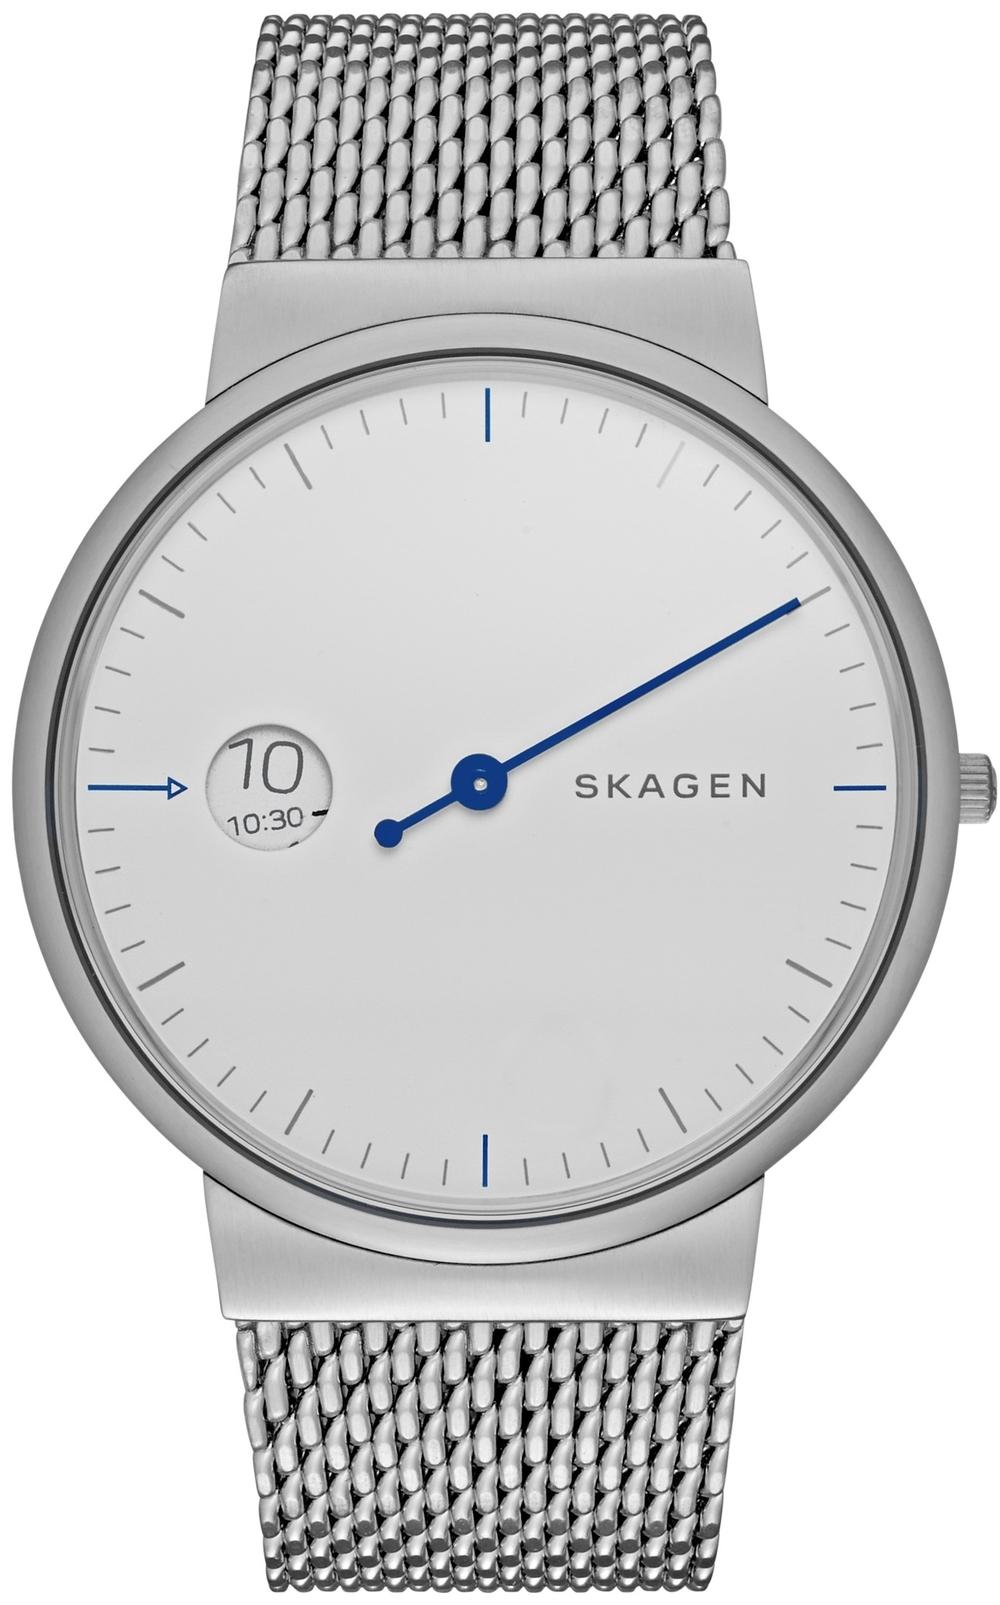 Skagen Ancher Mono Steel Mesh Watch, $175